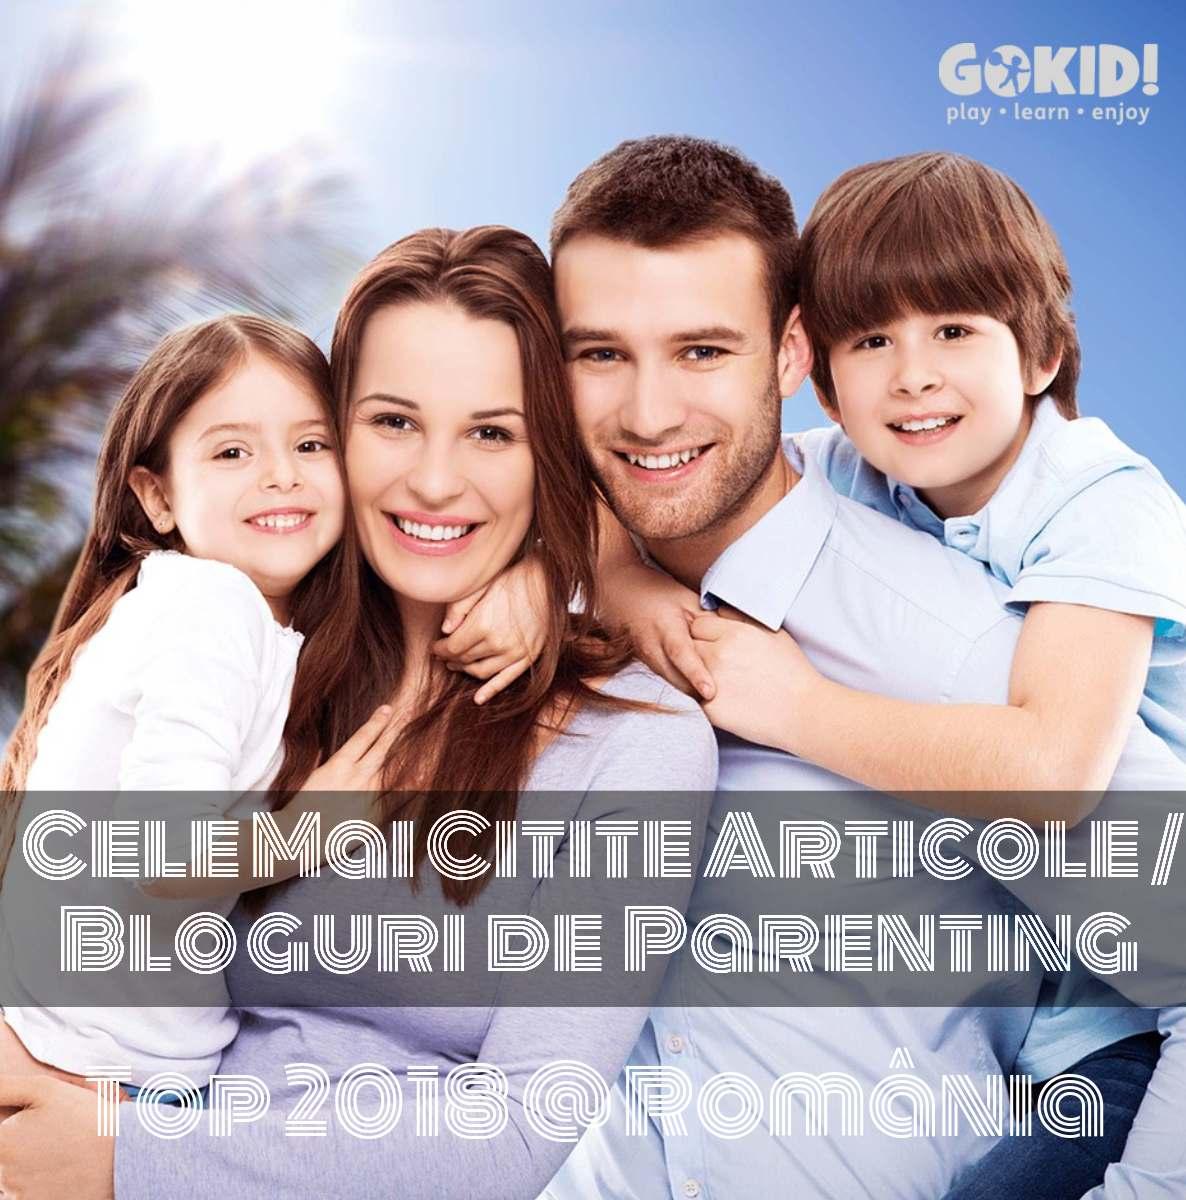 Articole pe Blogurile de Parenting Romania 2018 gokid